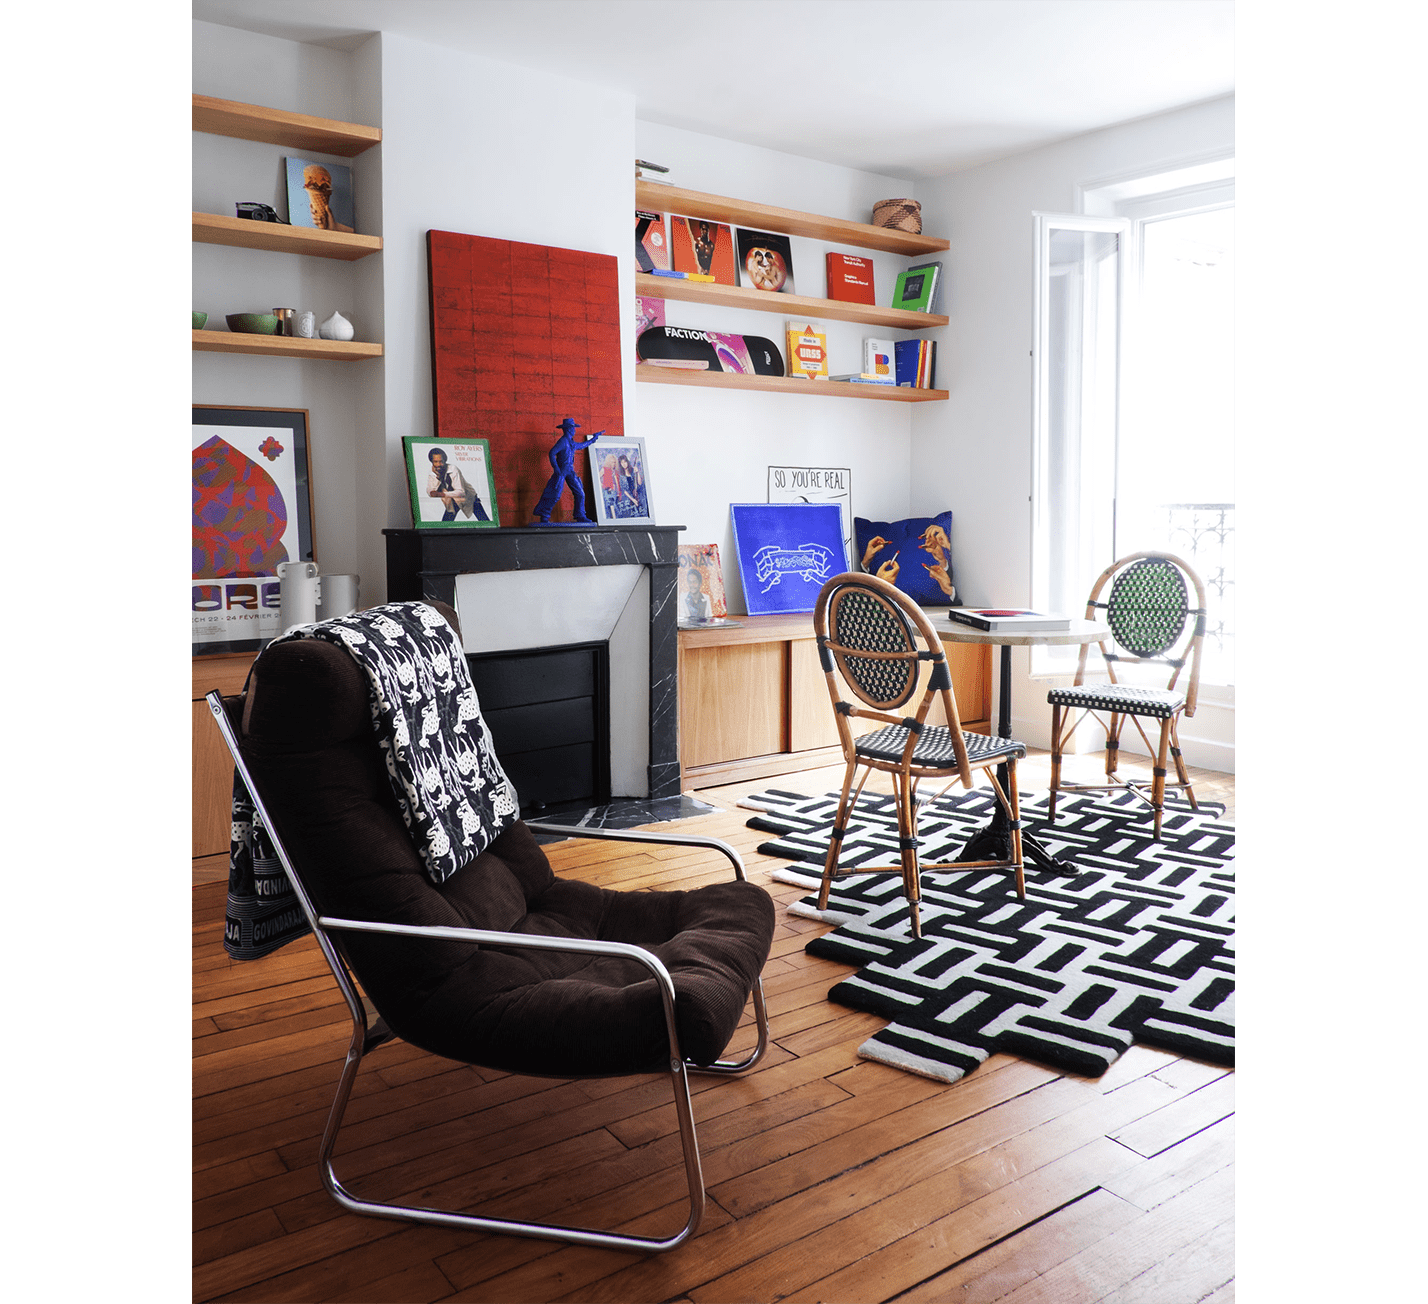 Projet-Montmartre-Atelier-Steve-Pauline-Borgia-Architecture-interieur-10-min